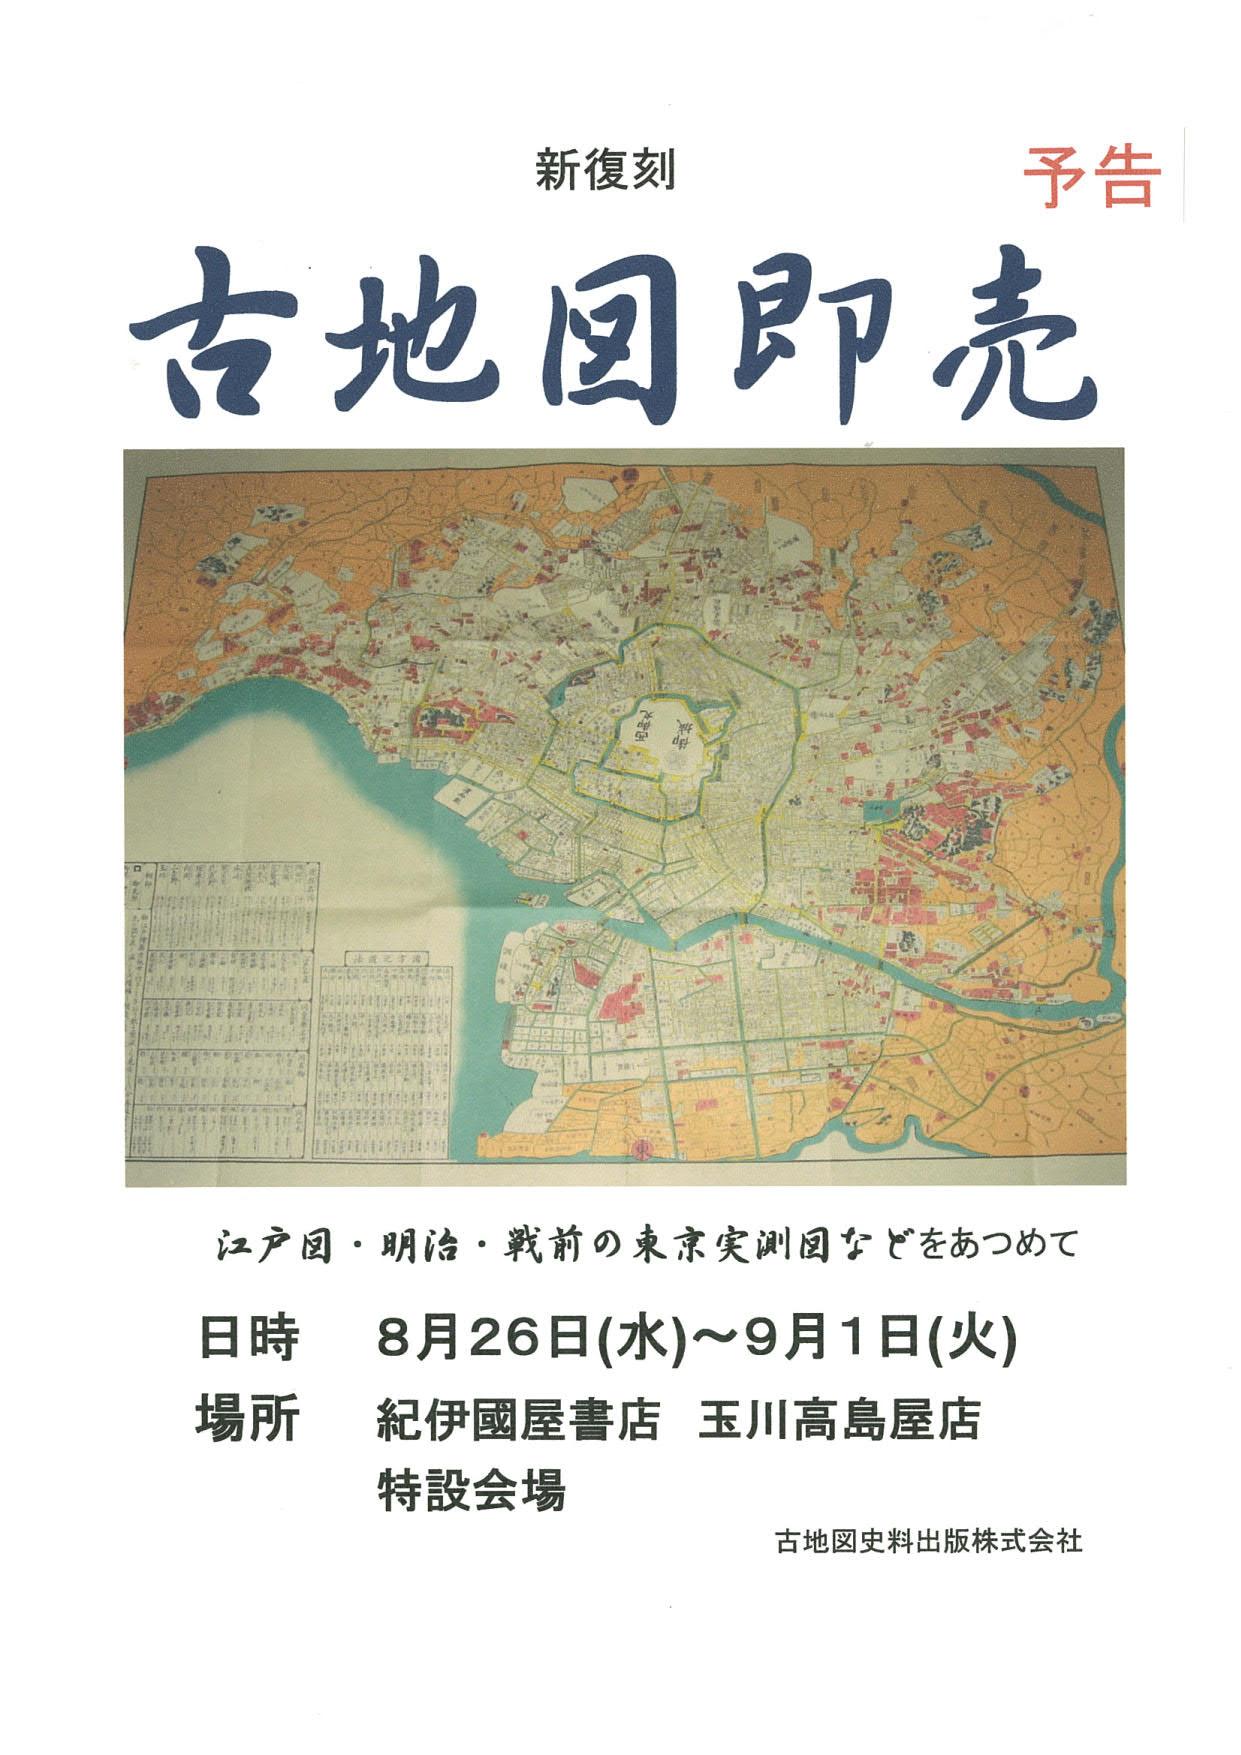 紀伊國屋書店:2020/8/26~9/1 古地図即売会